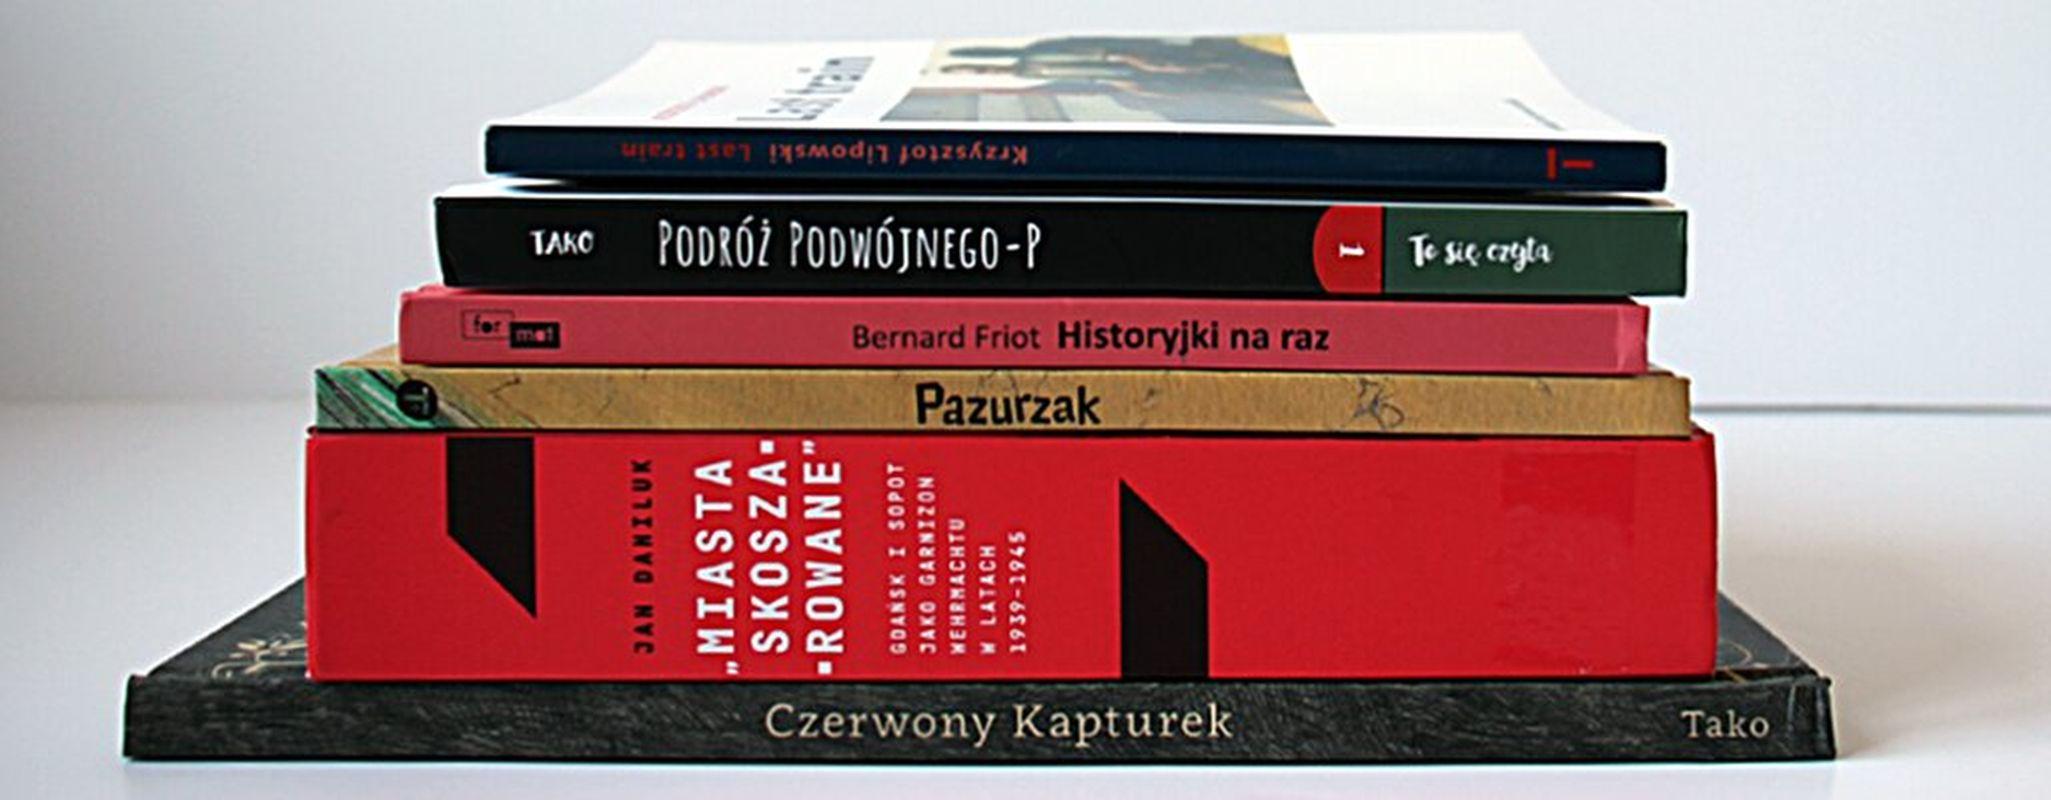 """Gdańsk: Posłuchaj książki. Na początek """"Pazurzak"""""""